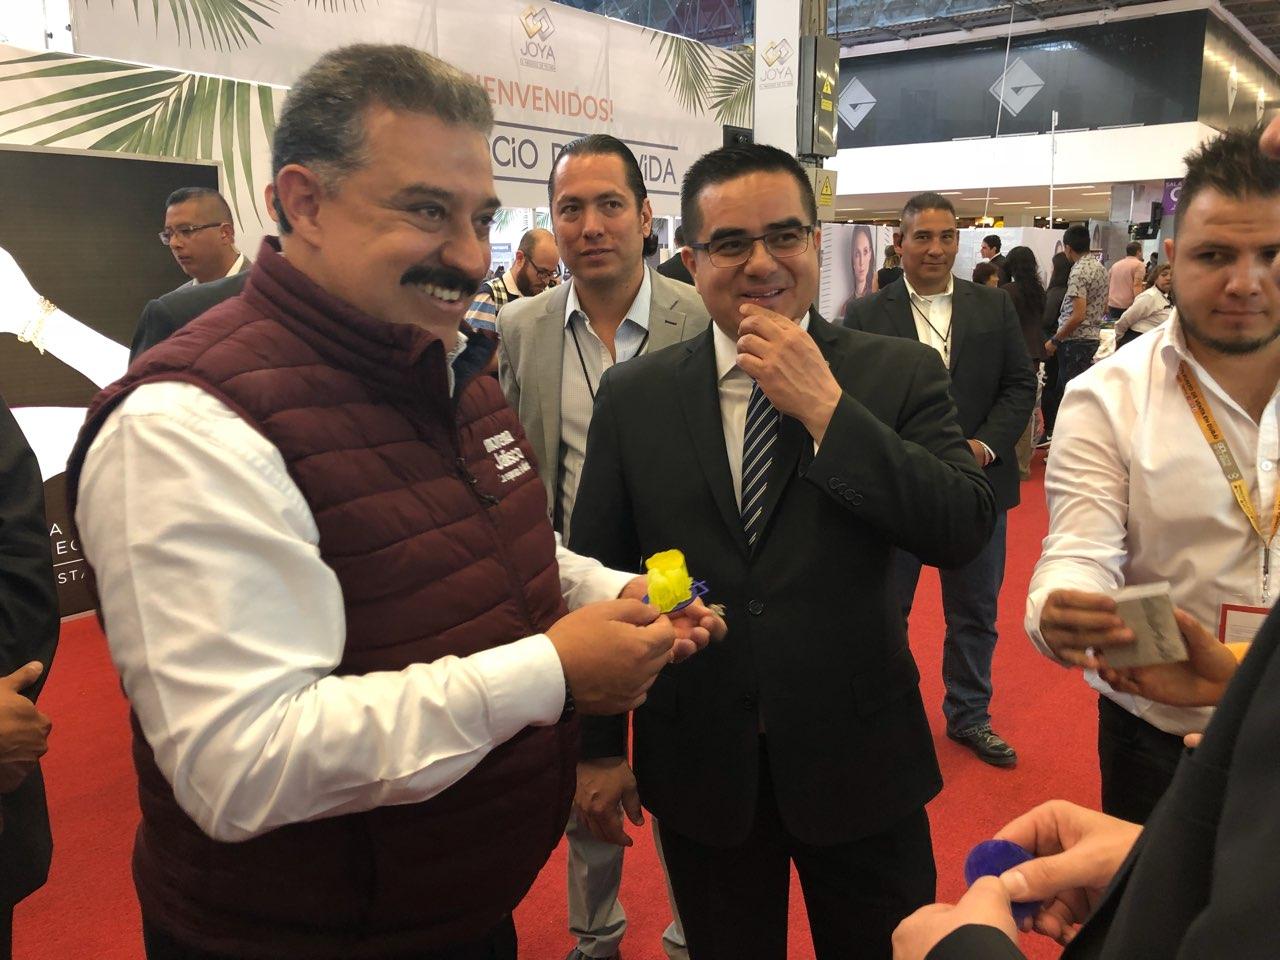 dfffb9b91259 Este martes Carlos Lomelí candidato de Morena al Gobierno de Jalisco visitó  y recorrió los pabellones de la Expo Joya